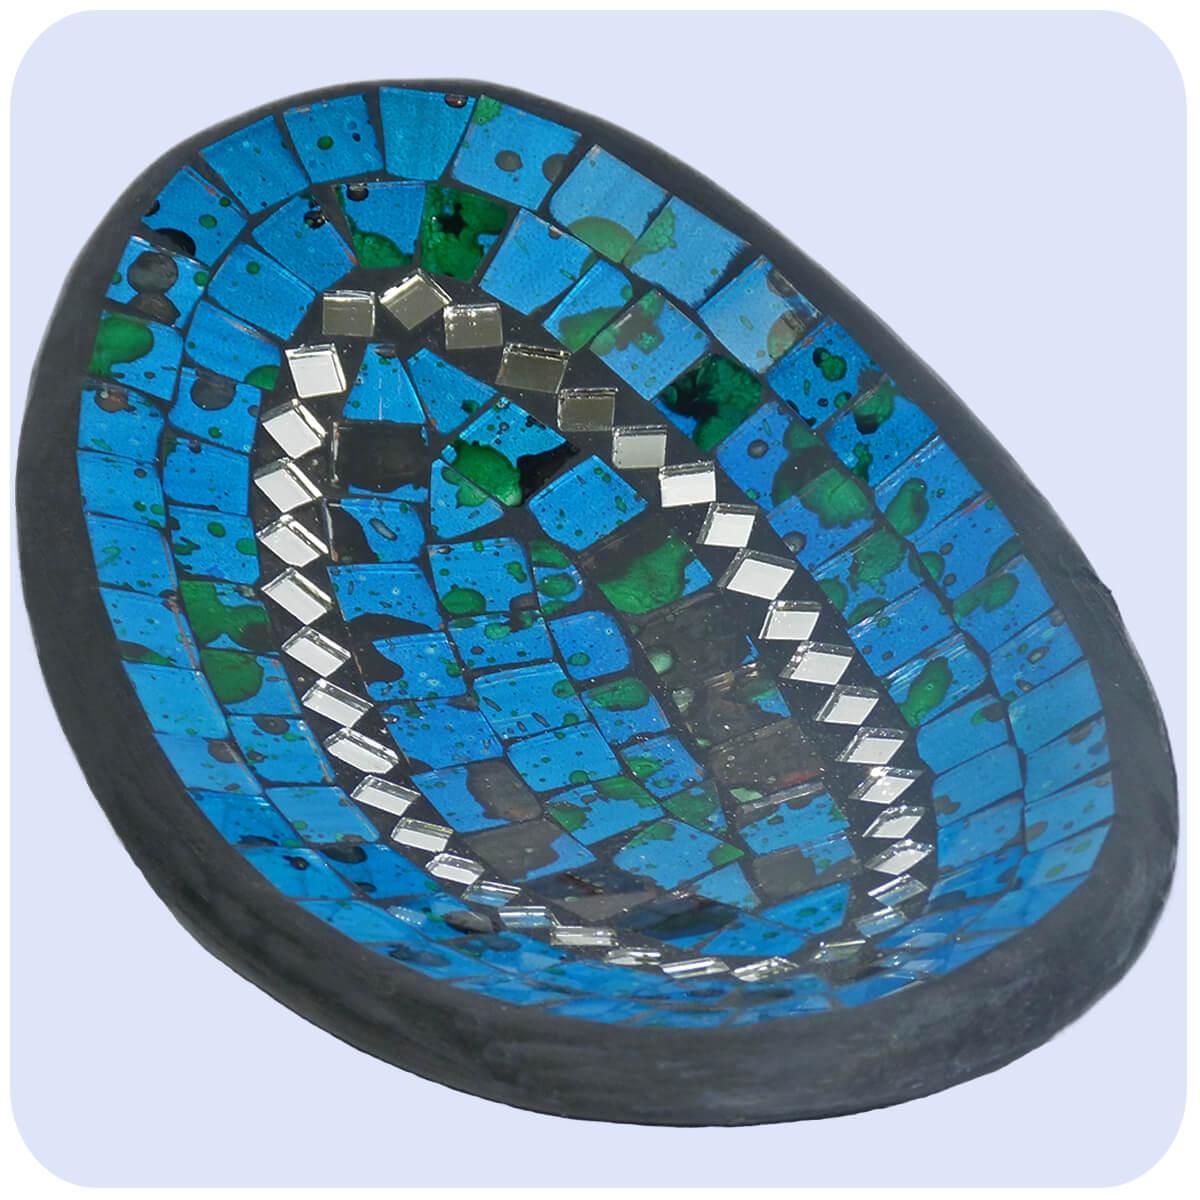 Spiegel mosaik deko mosaik spiegel als wanddekoration for Wohnaccessoires wohnraumdeko